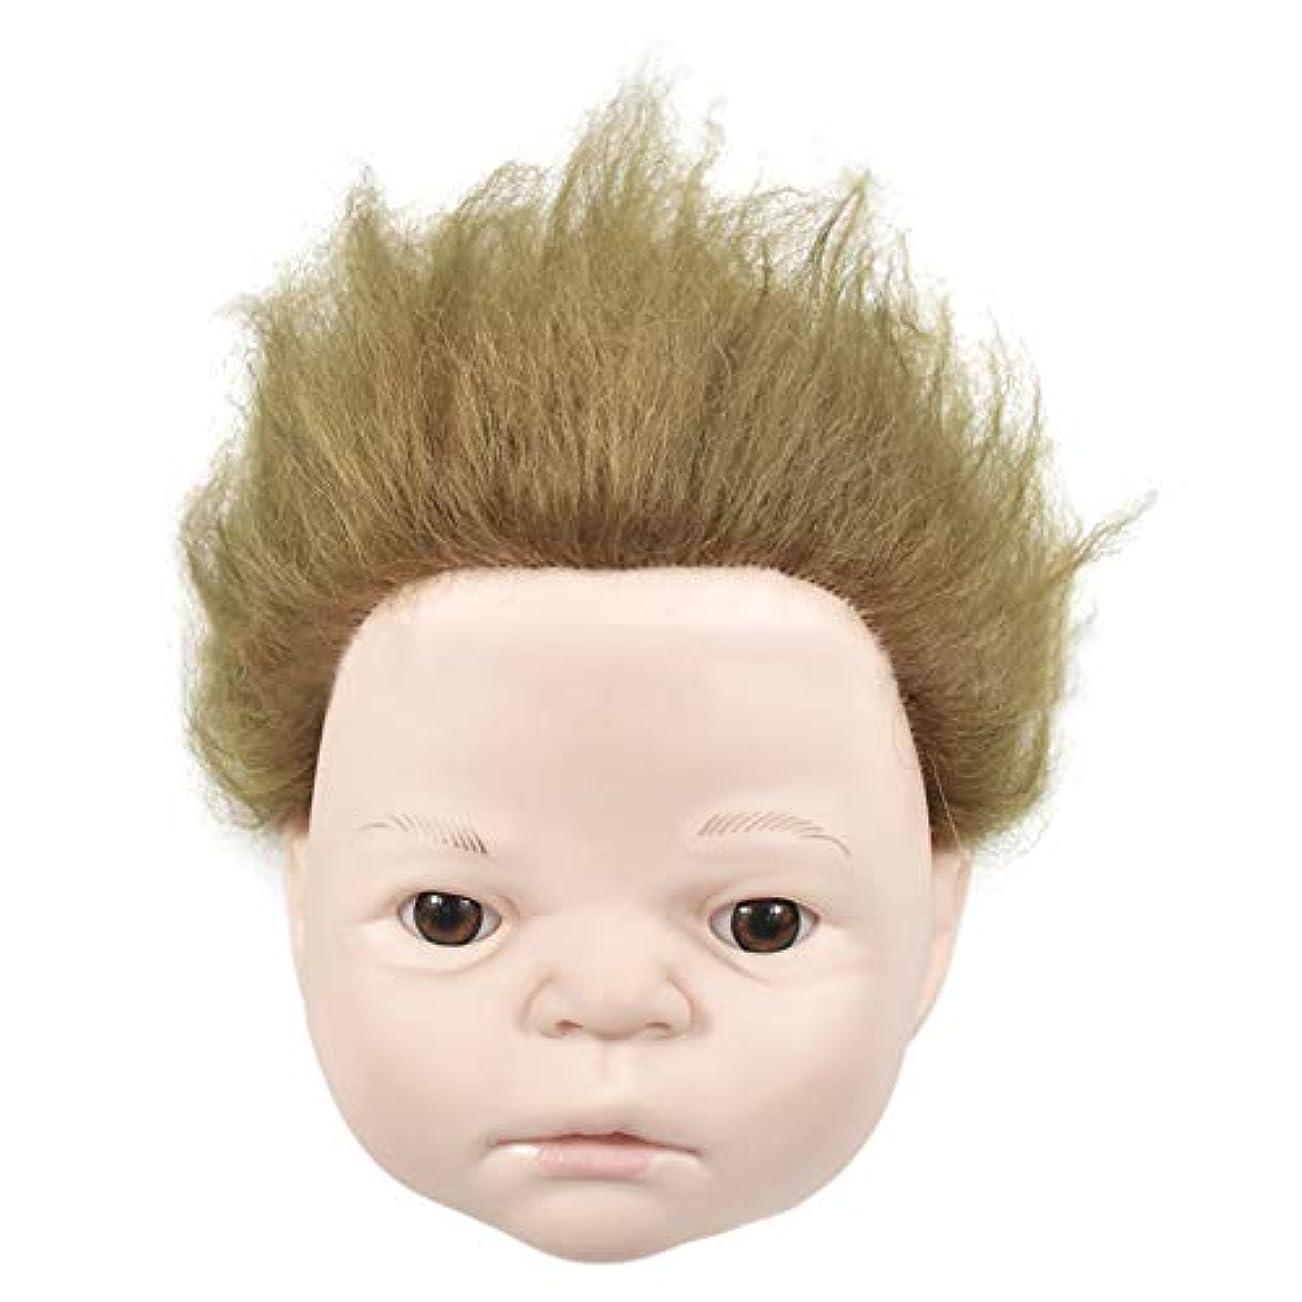 コンパクトインカ帝国出血練習理髪散髪ヘッドモデルリアルヘアドールヘッド形状教育ヘッドサロン教育学習マネキンヘッド